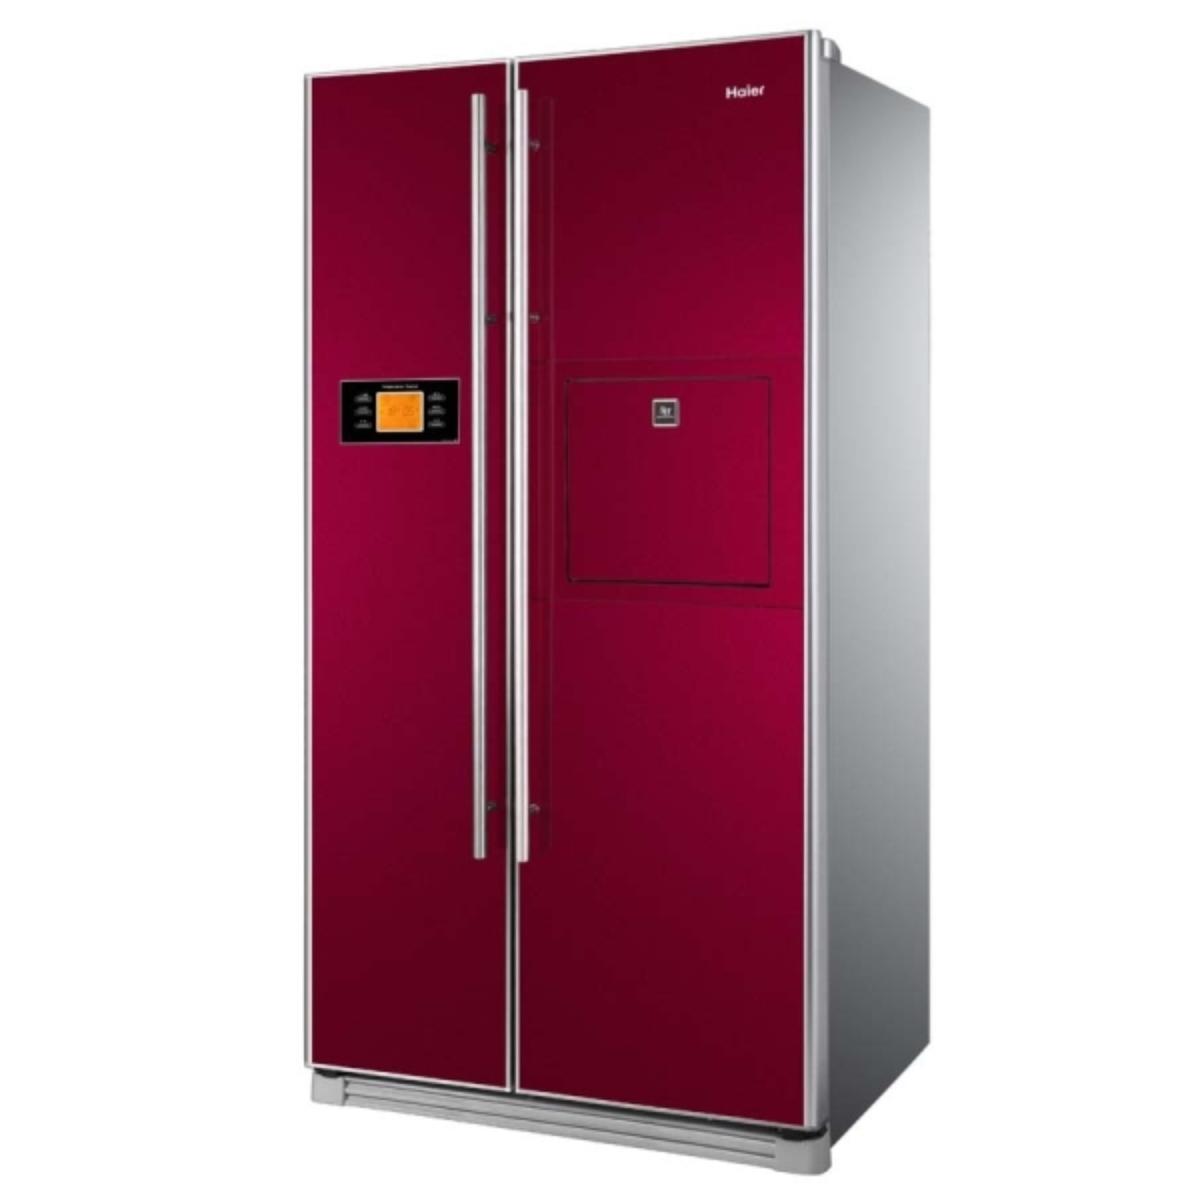 海尔小户型冰箱怎样 海尔小户型冰箱